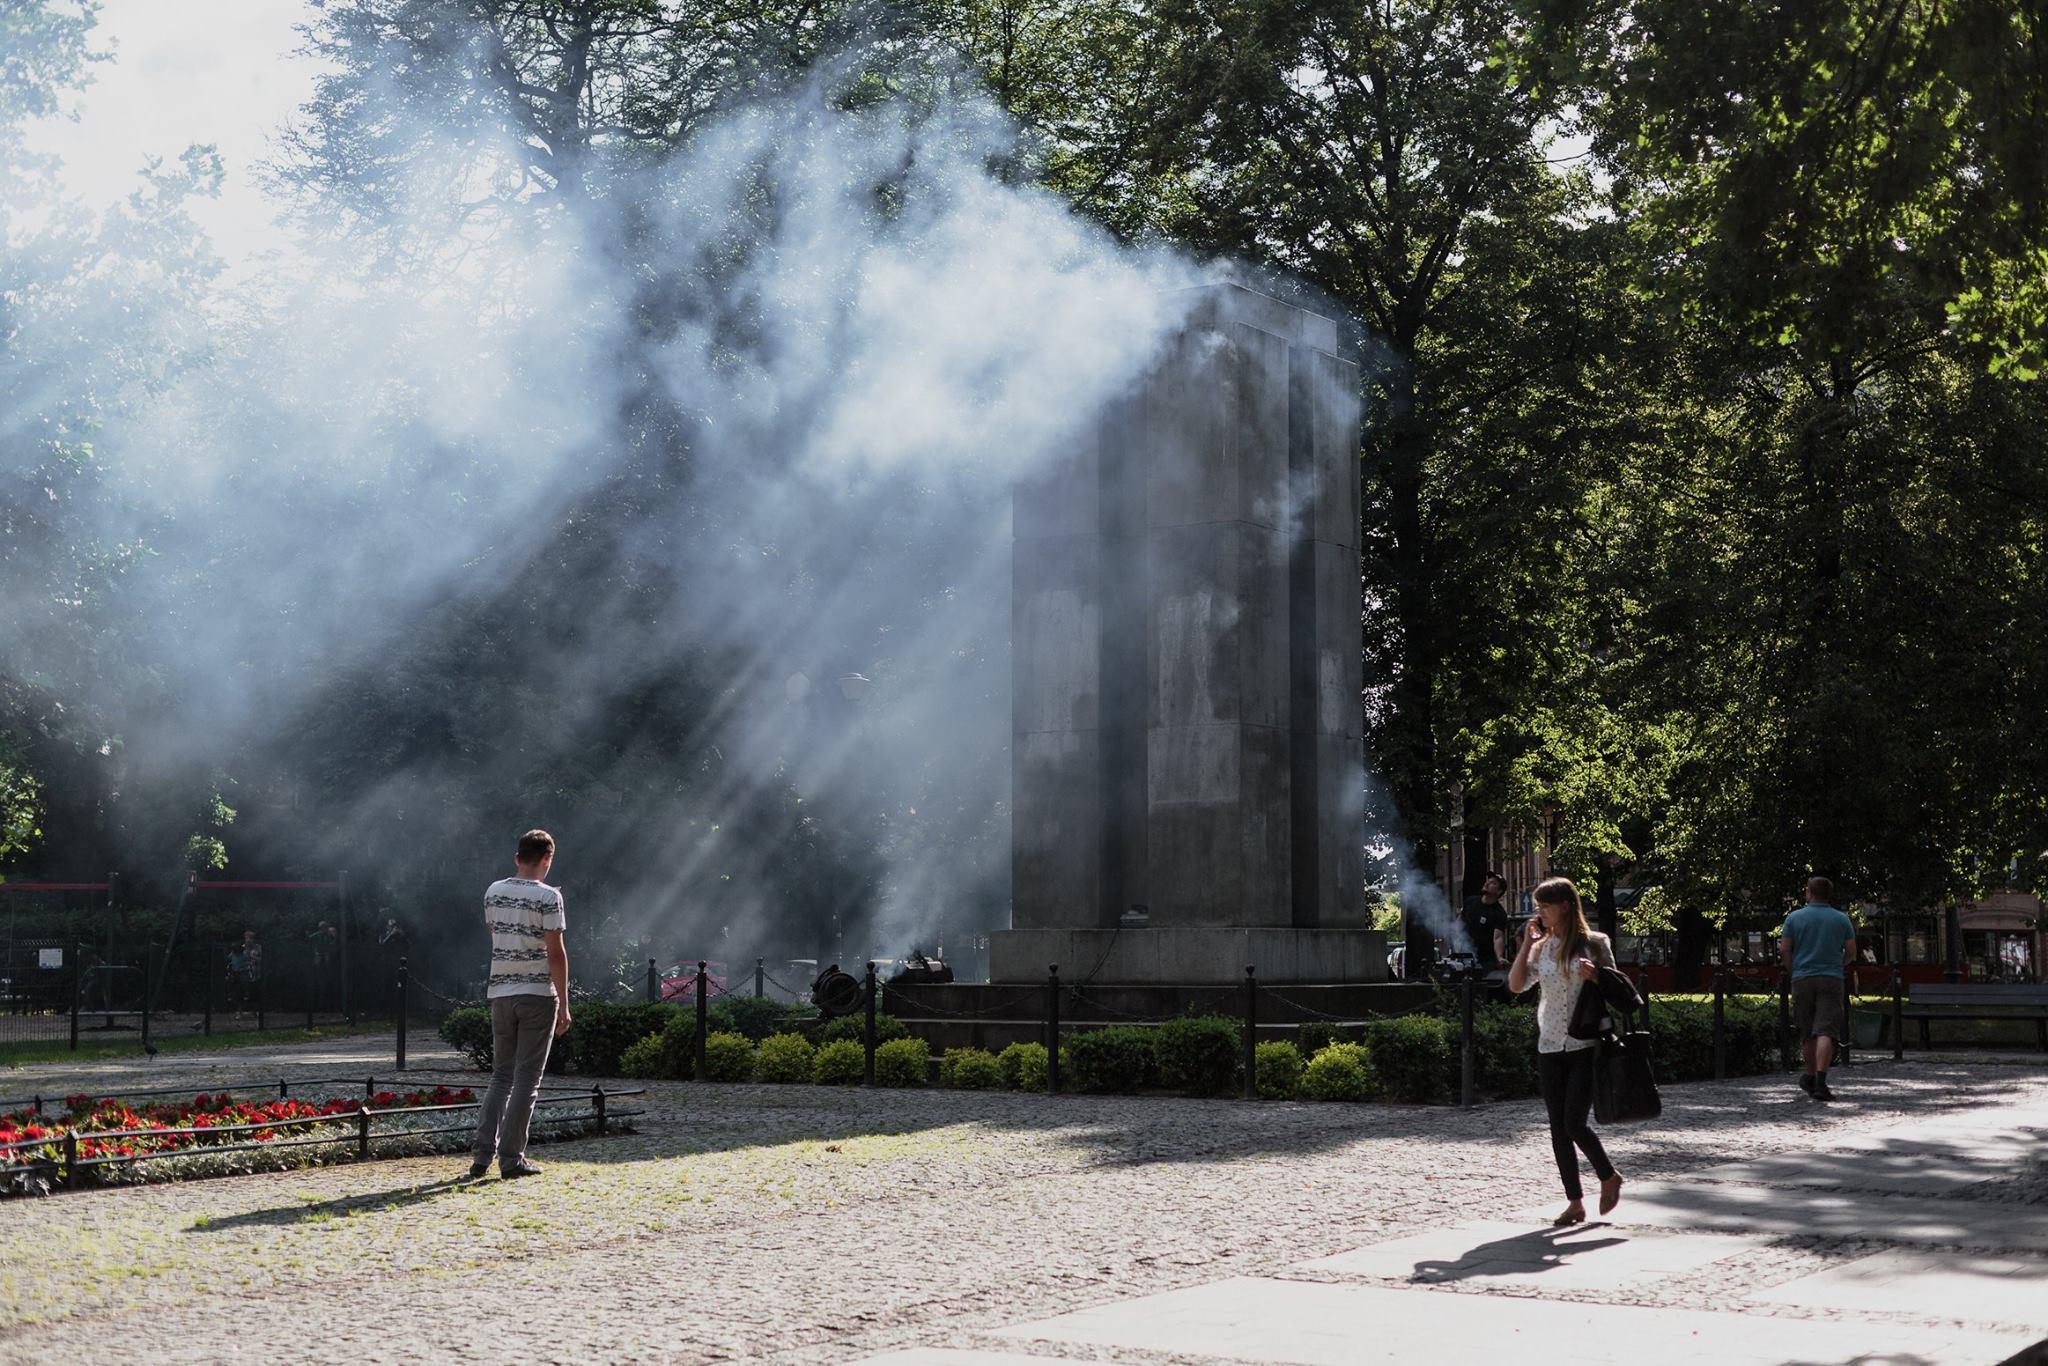 Karolina Freino Katarakta - akcja w ramach projektu Widmo, plac Wolności w Katowicach, lipiec 2016, fot. Barbara Kubska